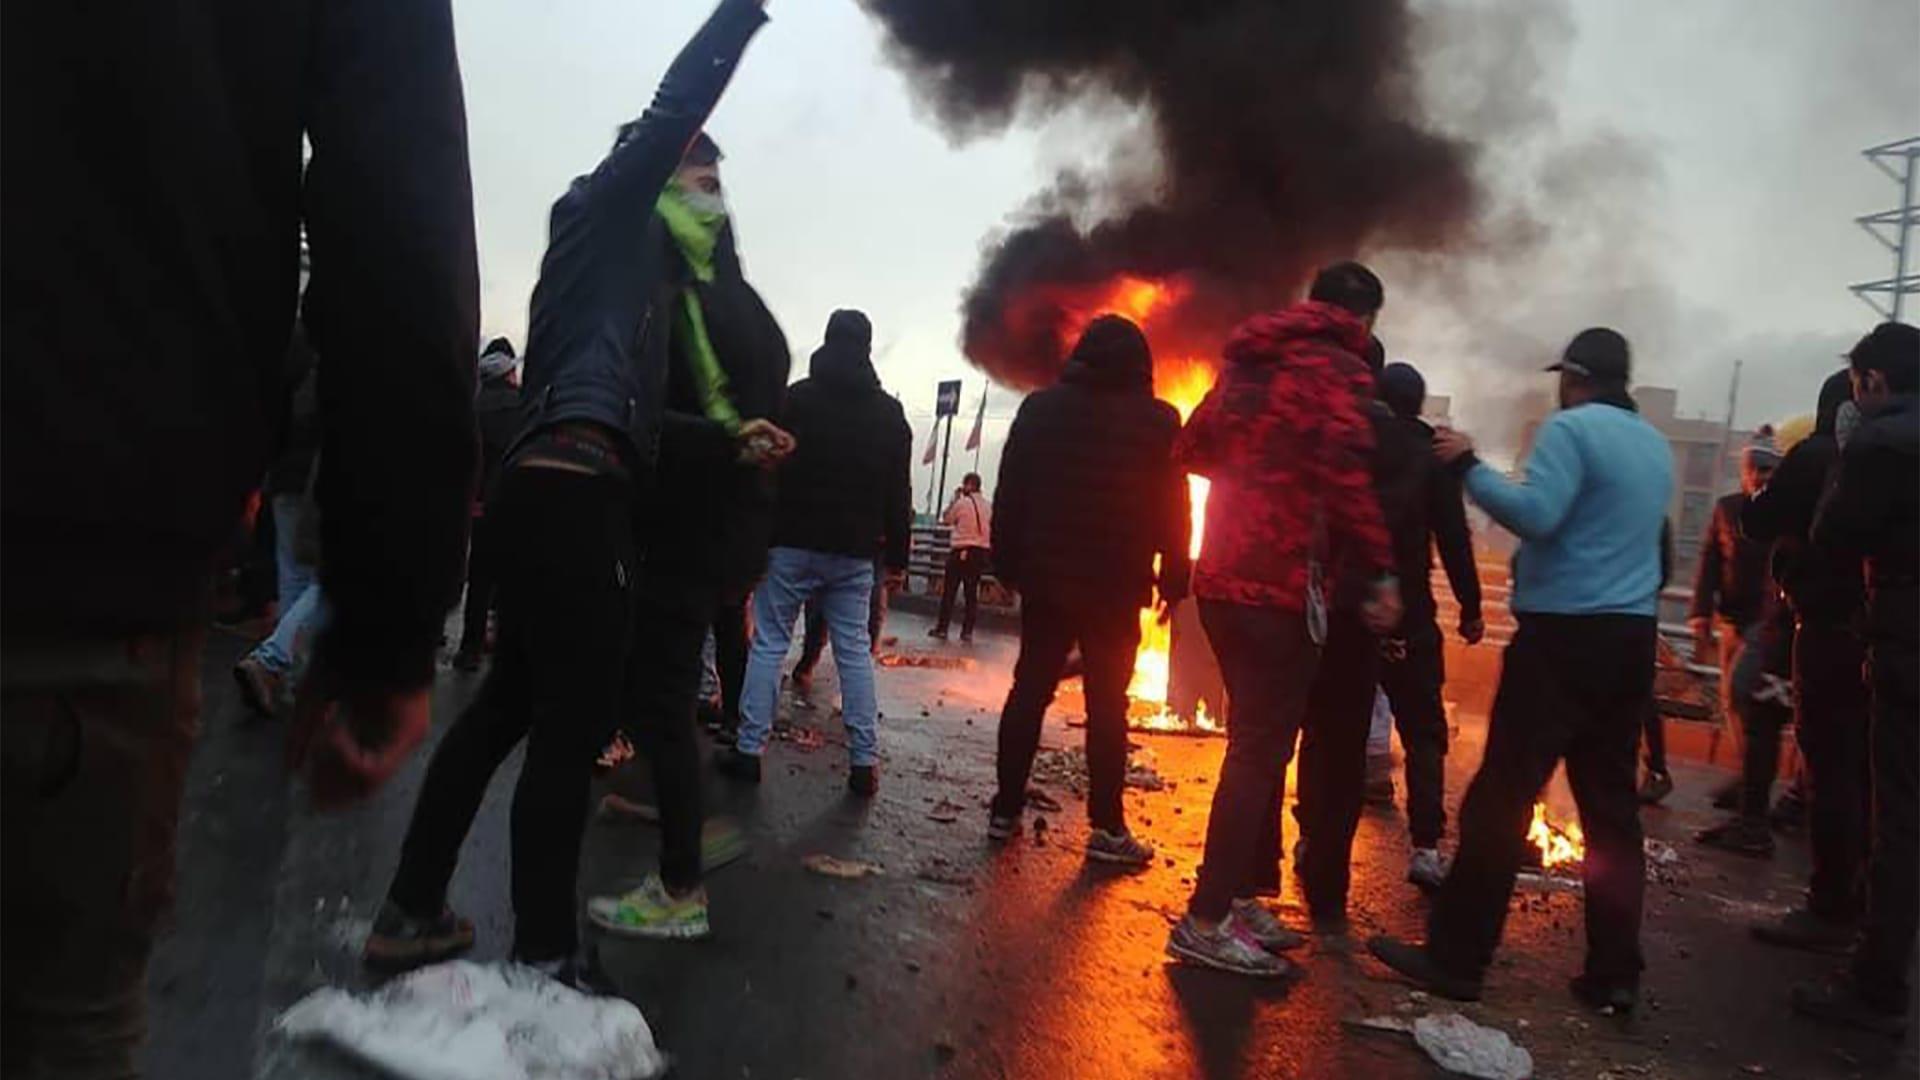 نت بلوكس: تعطيل كبير للإنترنت تزامنا مع عاصفة تغريد ضد إعدام متظاهرين في إيران